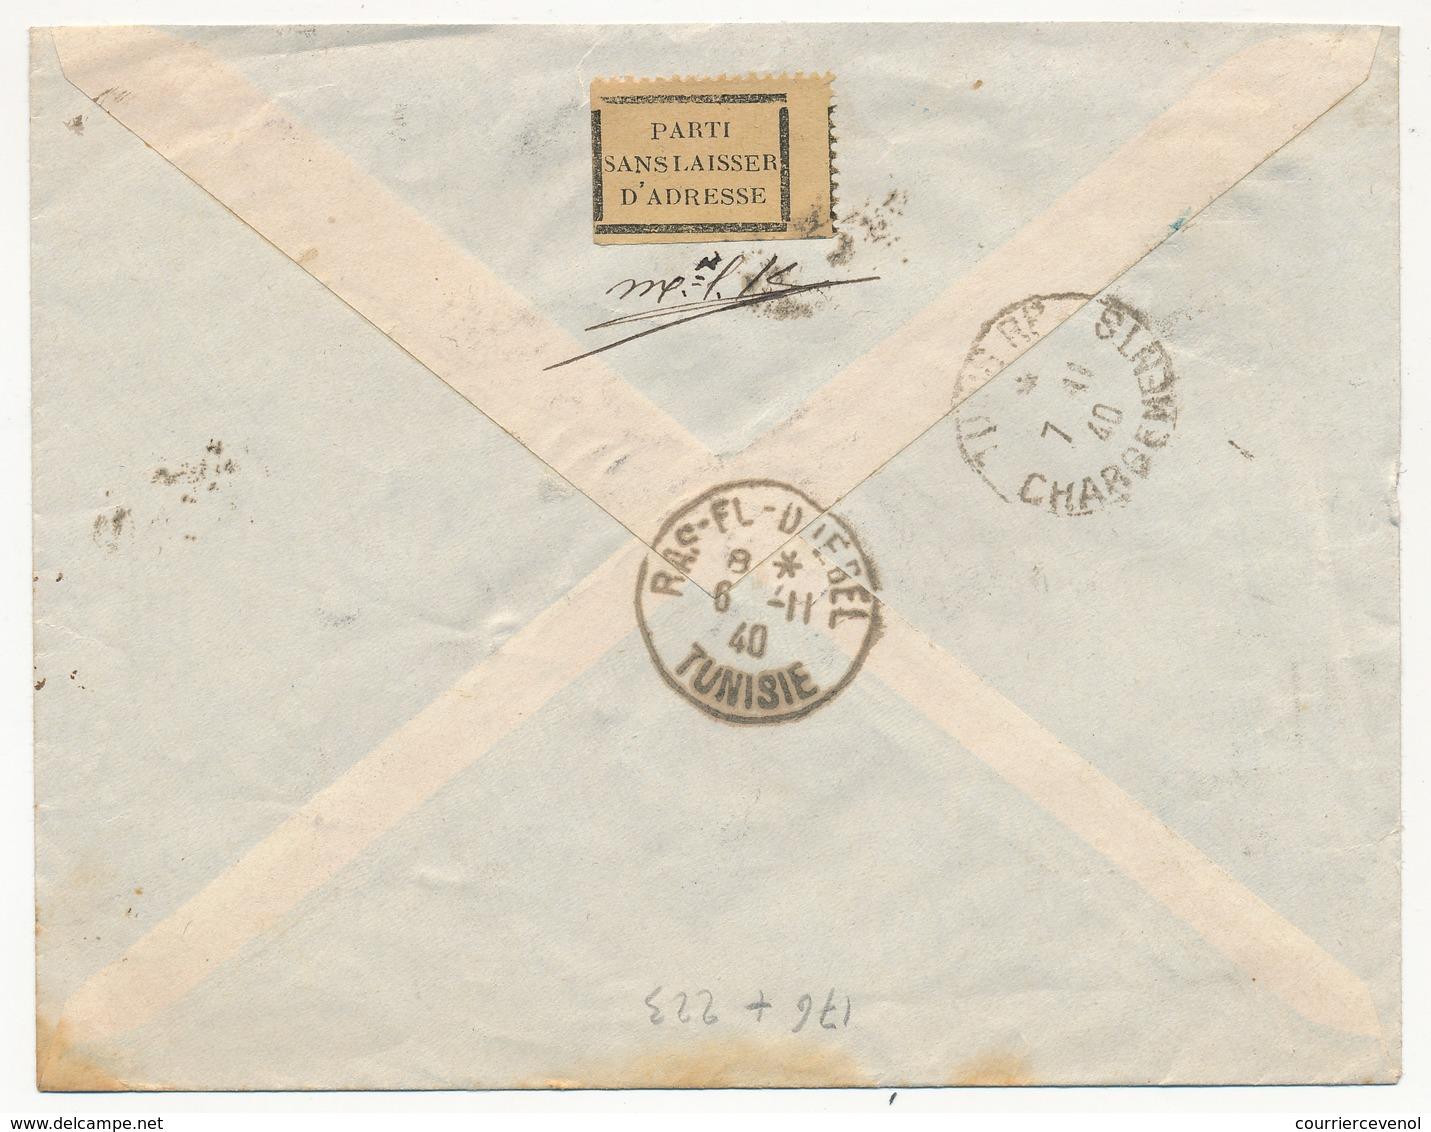 TUNISIE - Env. Recommandée De TUNIS-ROUSTAN Pour RAS-DJEBEL - Retour à L'envoyeur 38 - 1940 - Tunisie (1888-1955)